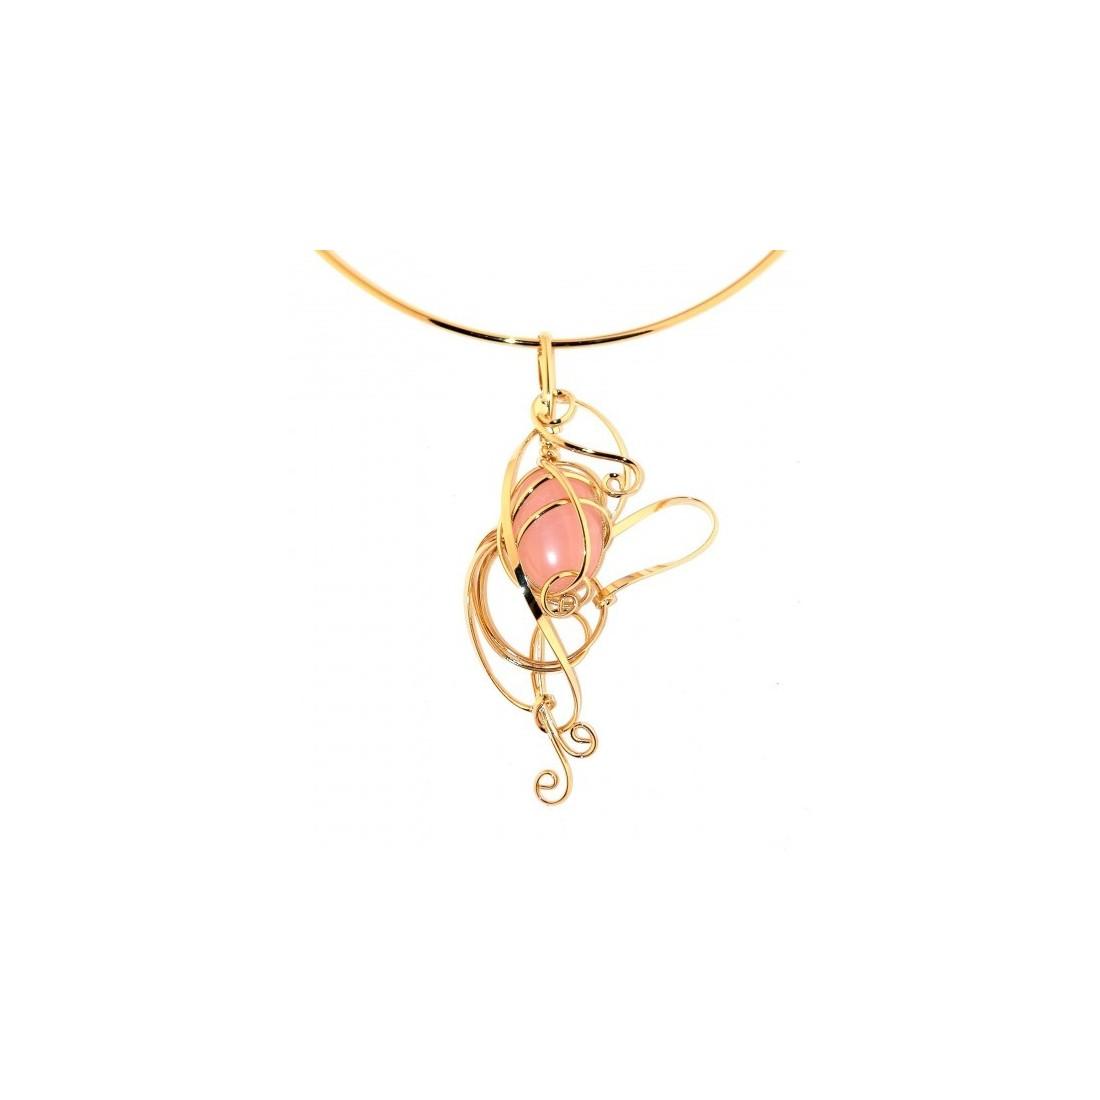 Collier doré avec une pierre véritable, bijou made in France